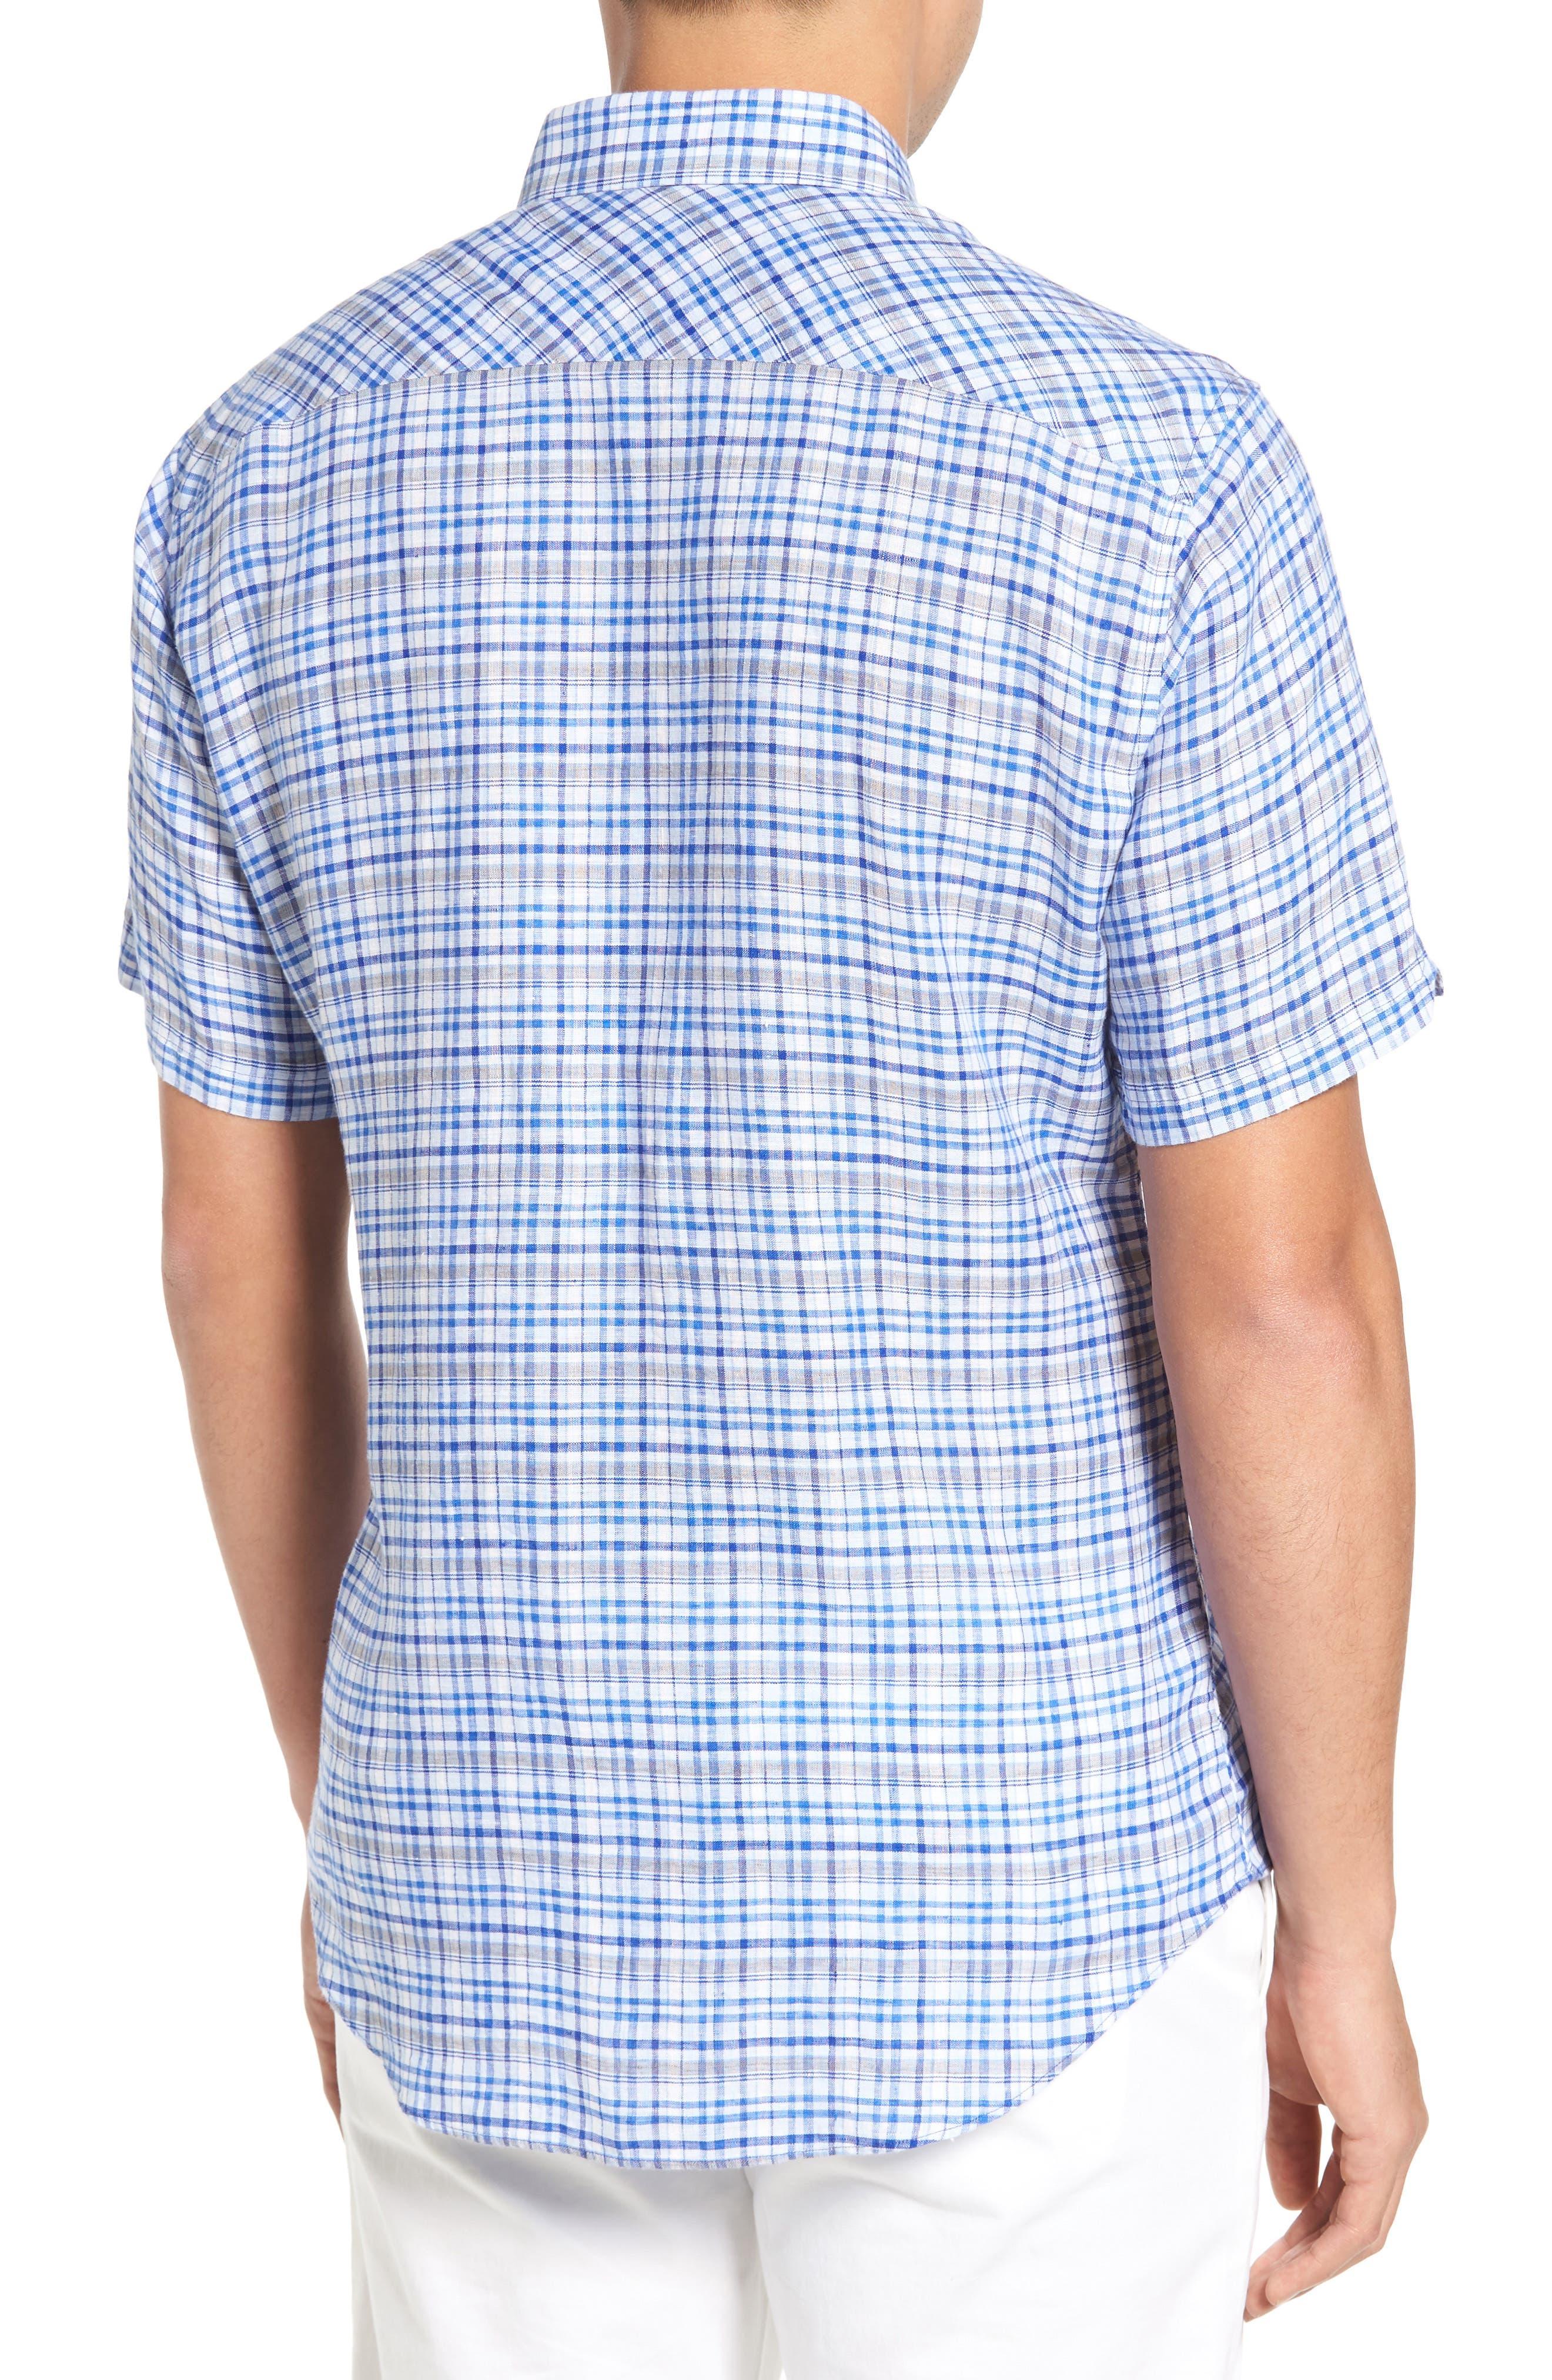 Bean Trim Fit Plaid Linen Sport Shirt,                             Alternate thumbnail 2, color,                             Royal